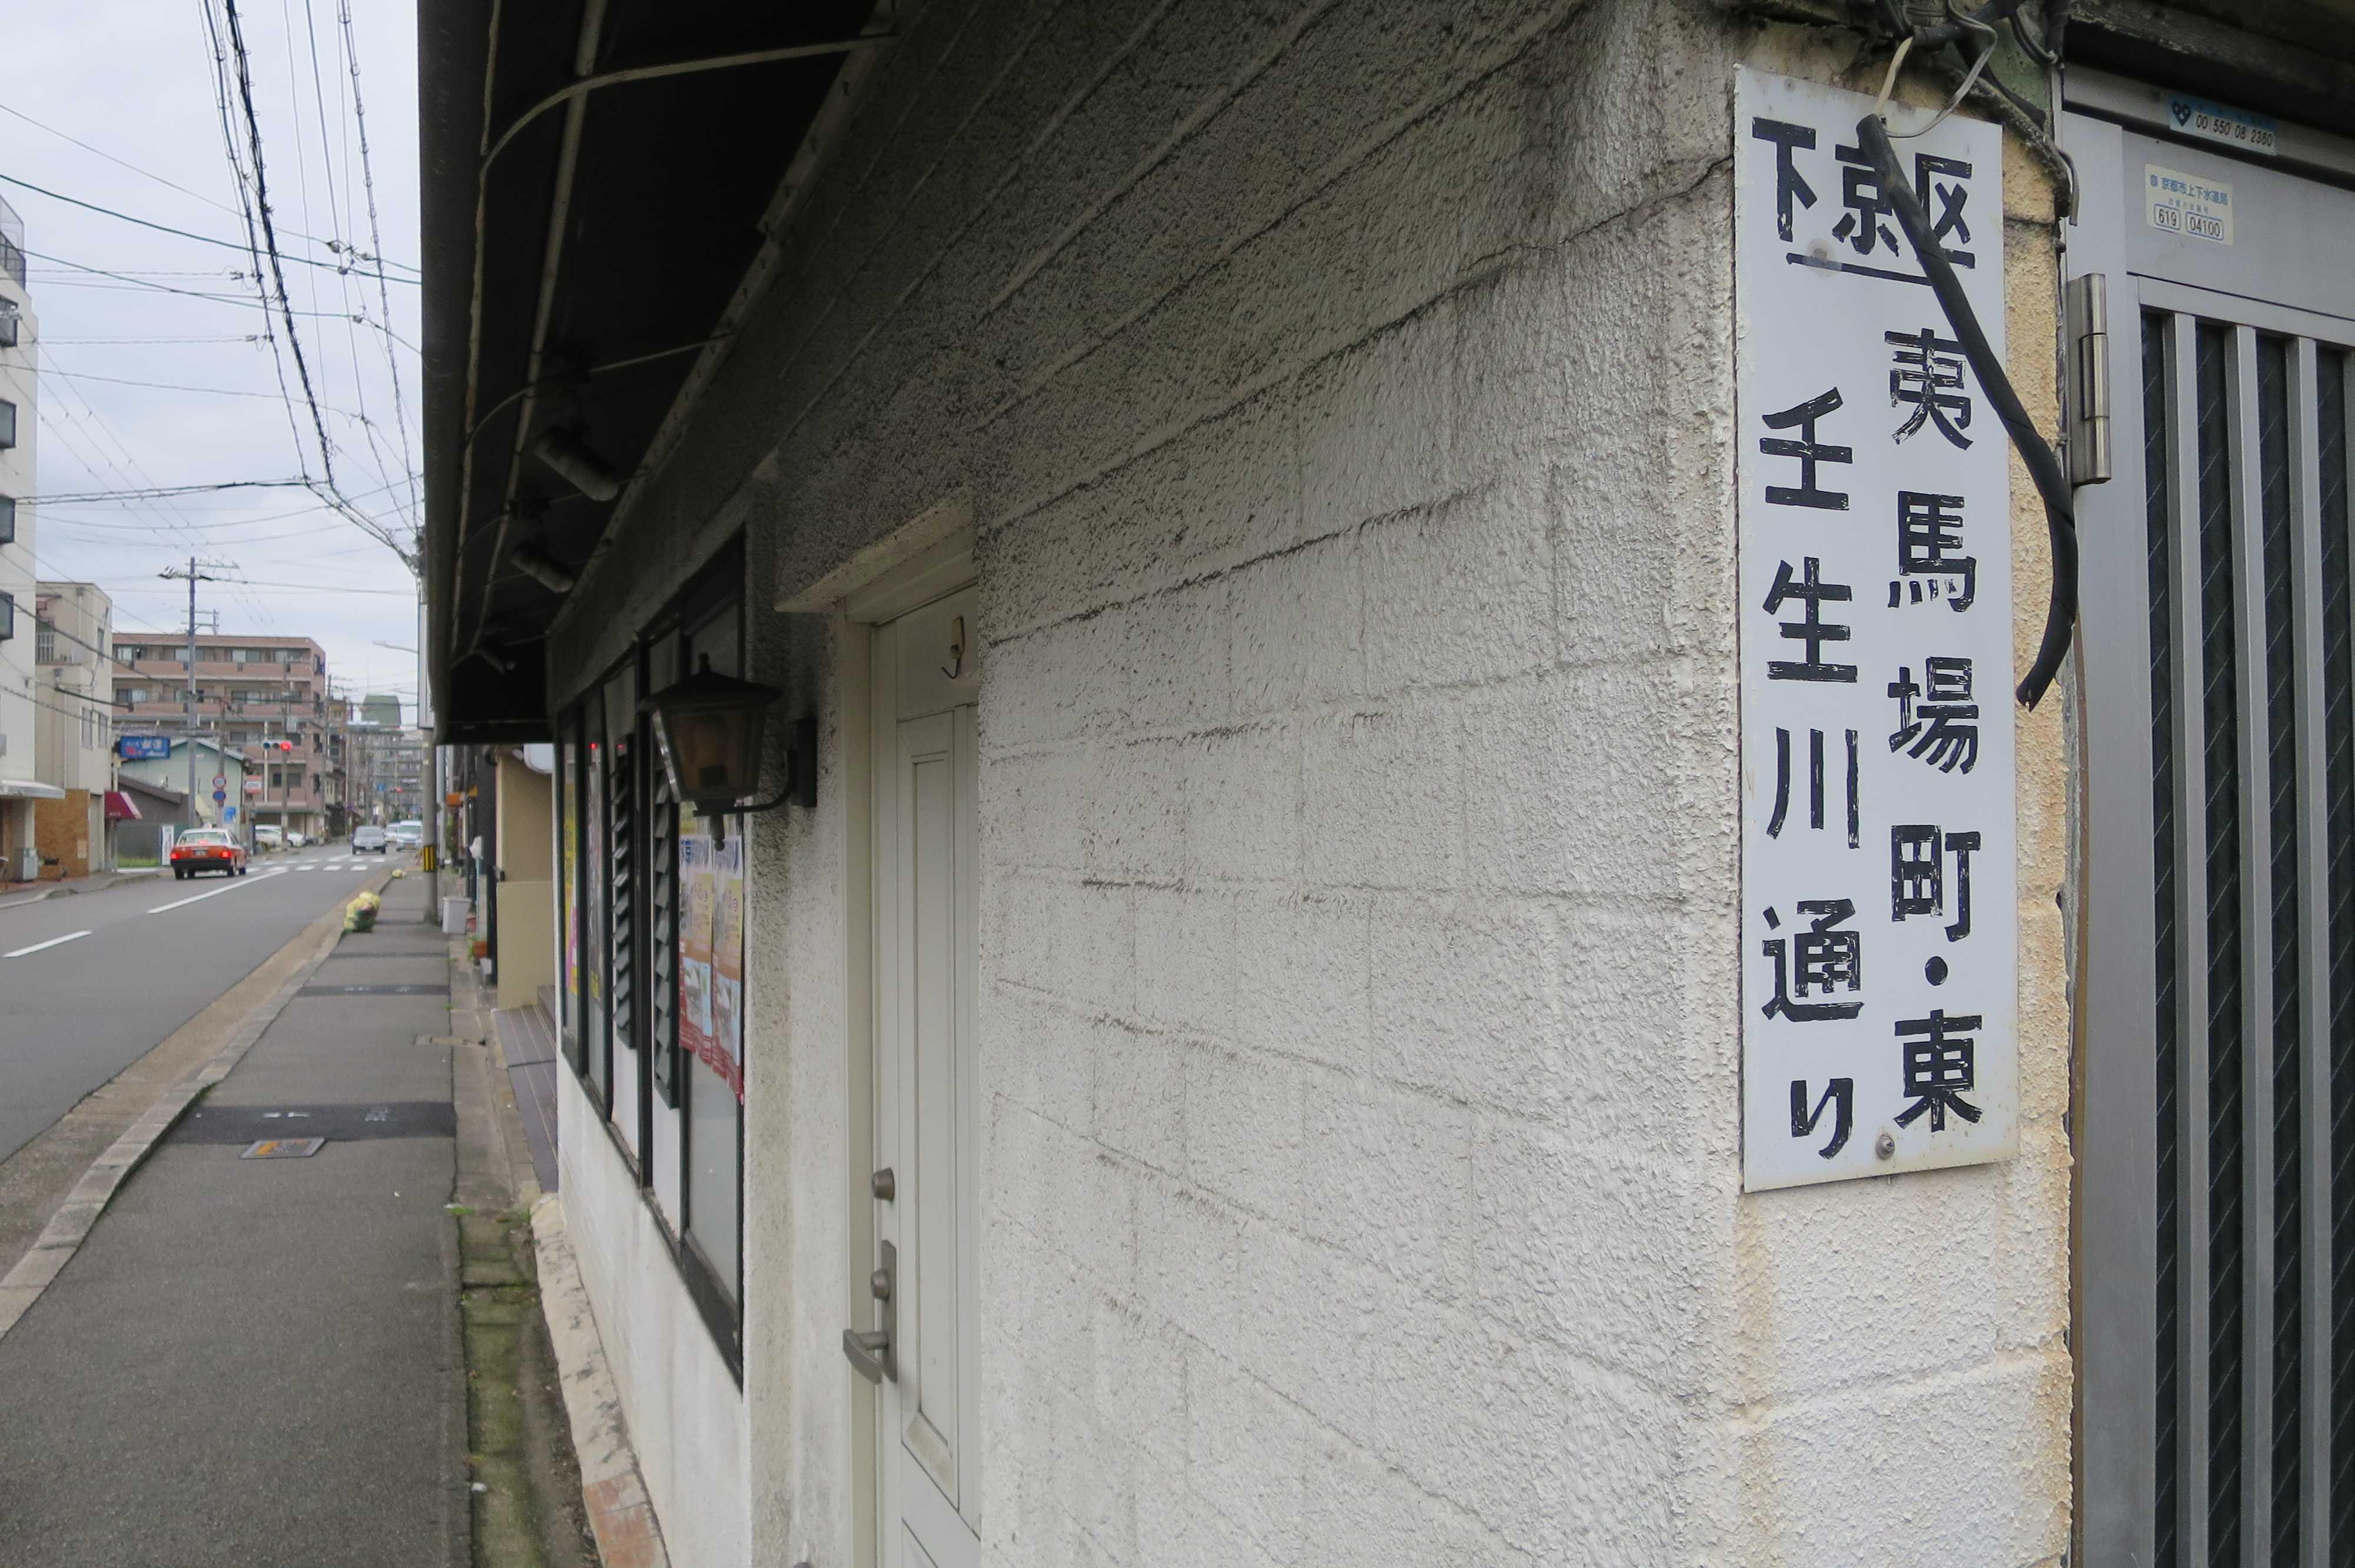 京都・下京区 - 壬生川通